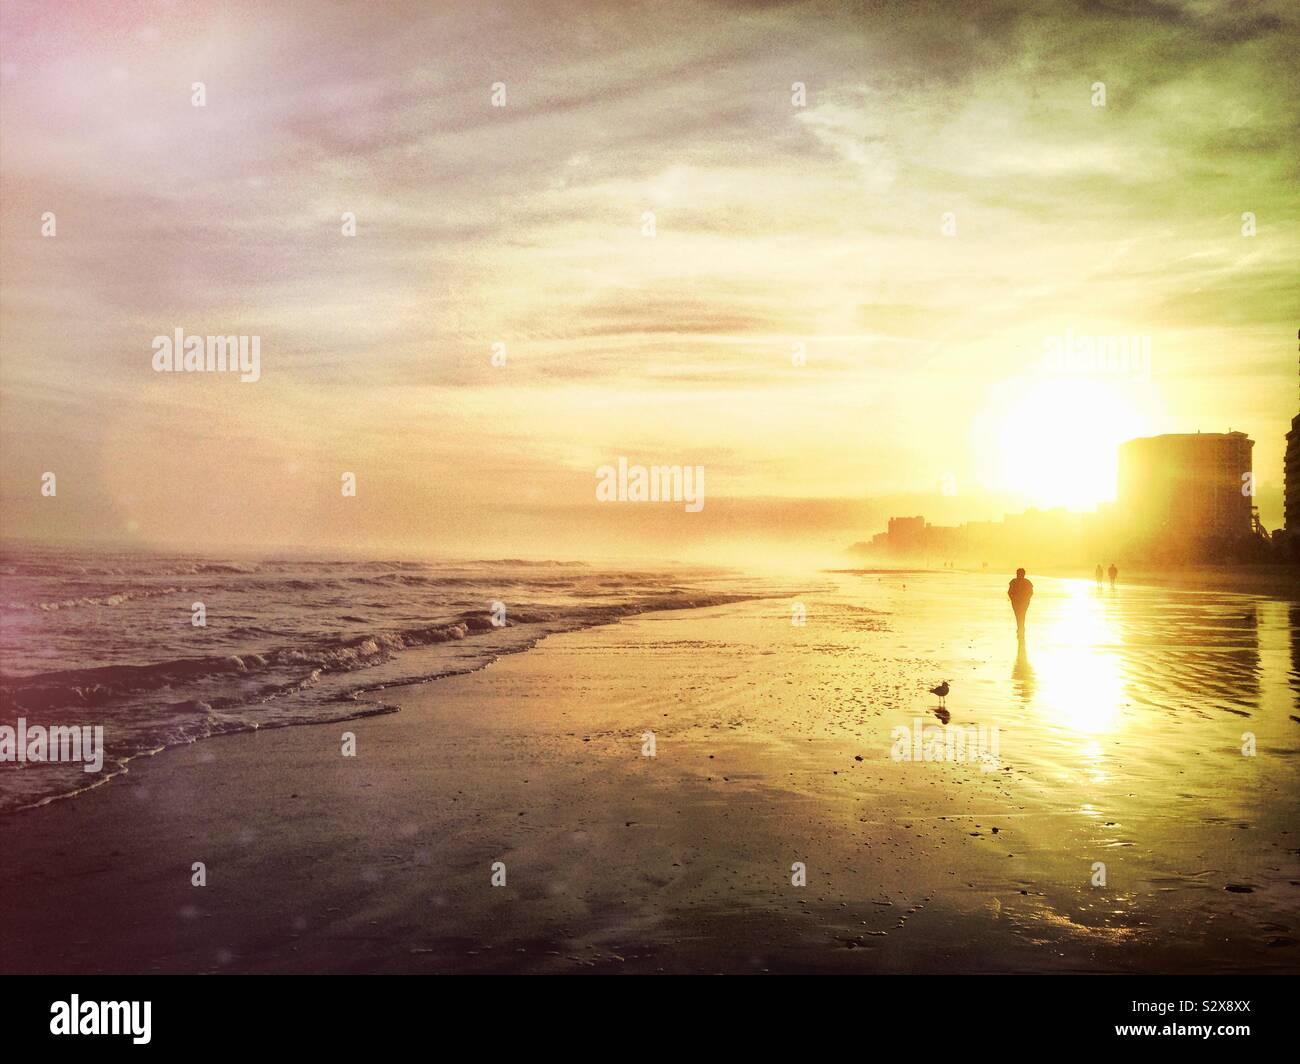 La gente caminando en la playa durante la puesta de sol en Myrtle Beach, Carolina del Sur. Foto de stock